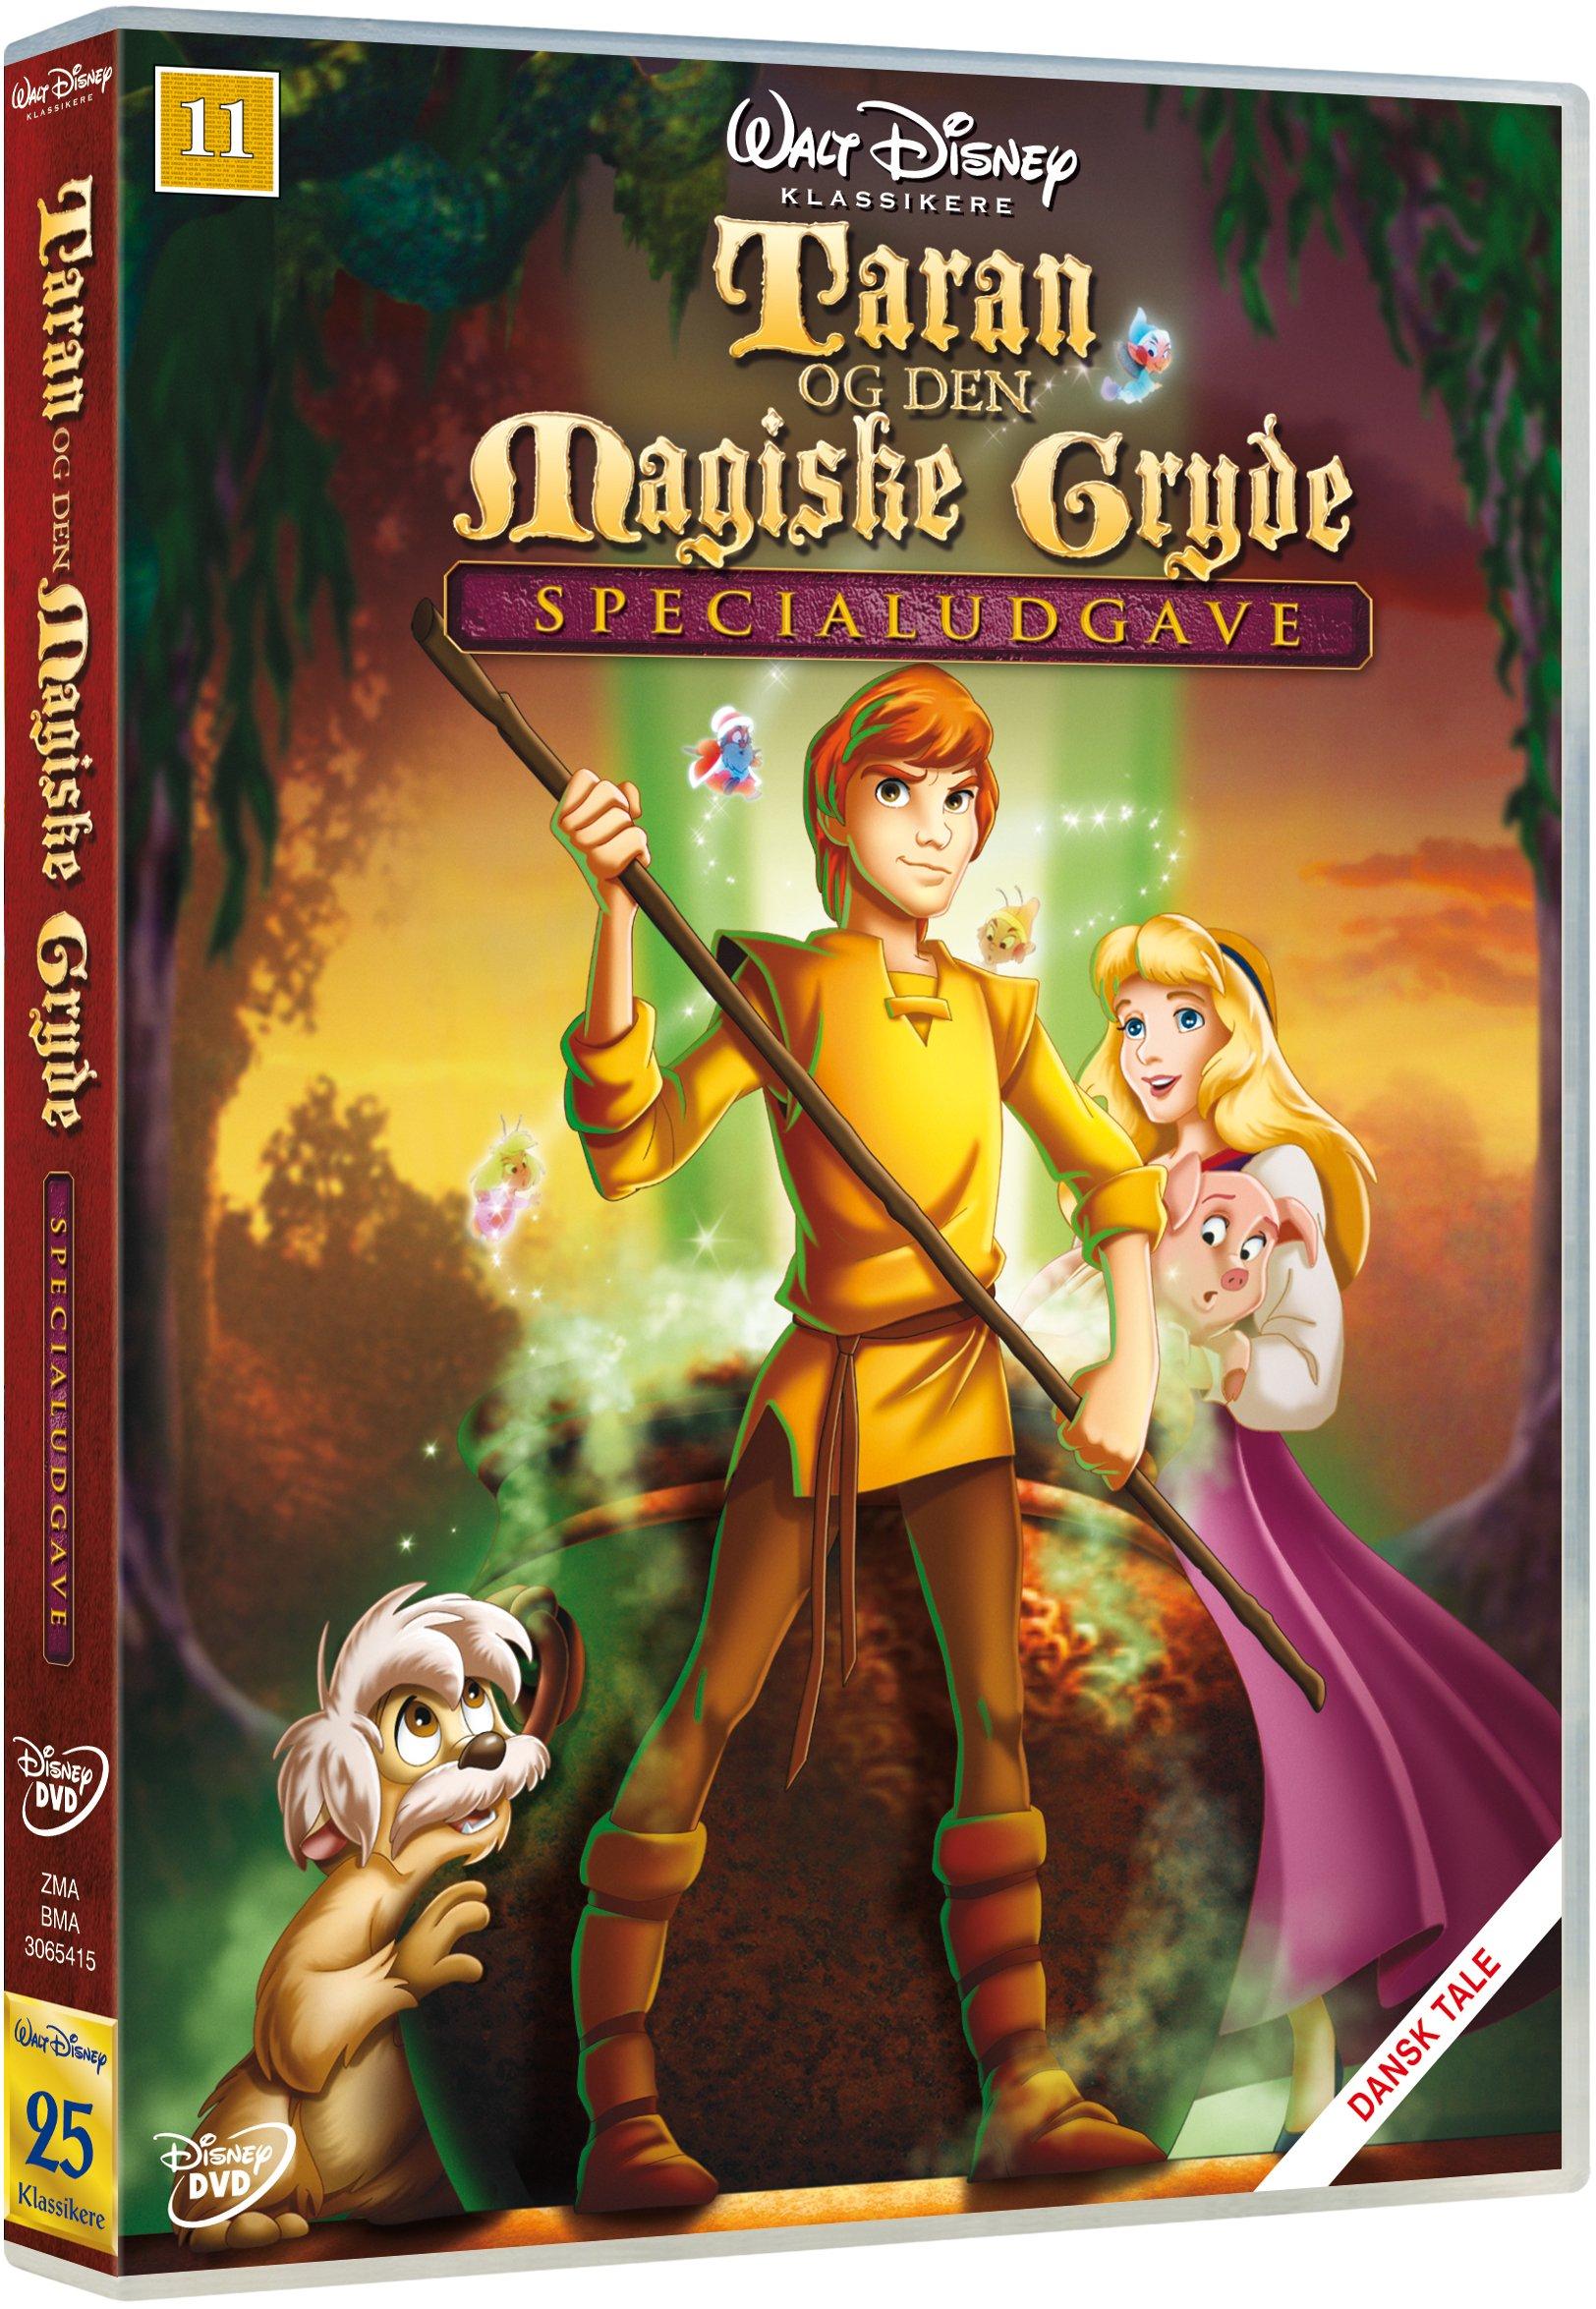 Taran og den magiske gryde Disney classic #25